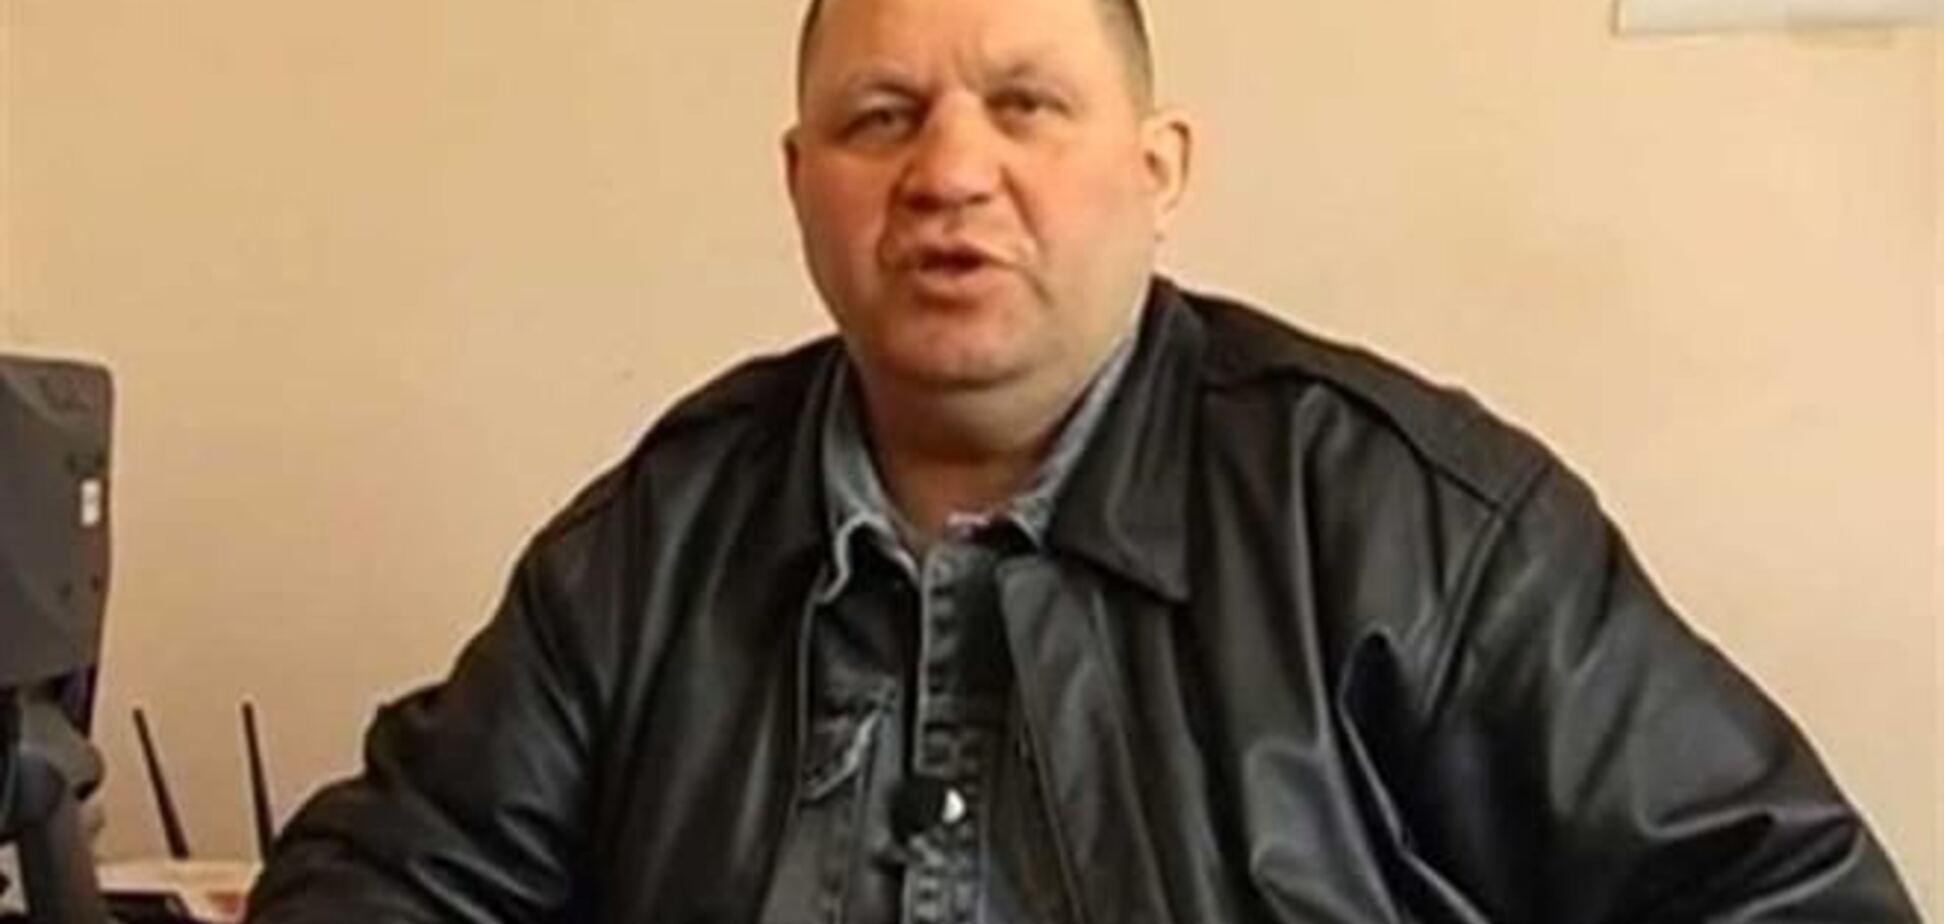 Советник Авакова заявил, что Музычко застрелился из милицейского пистолета